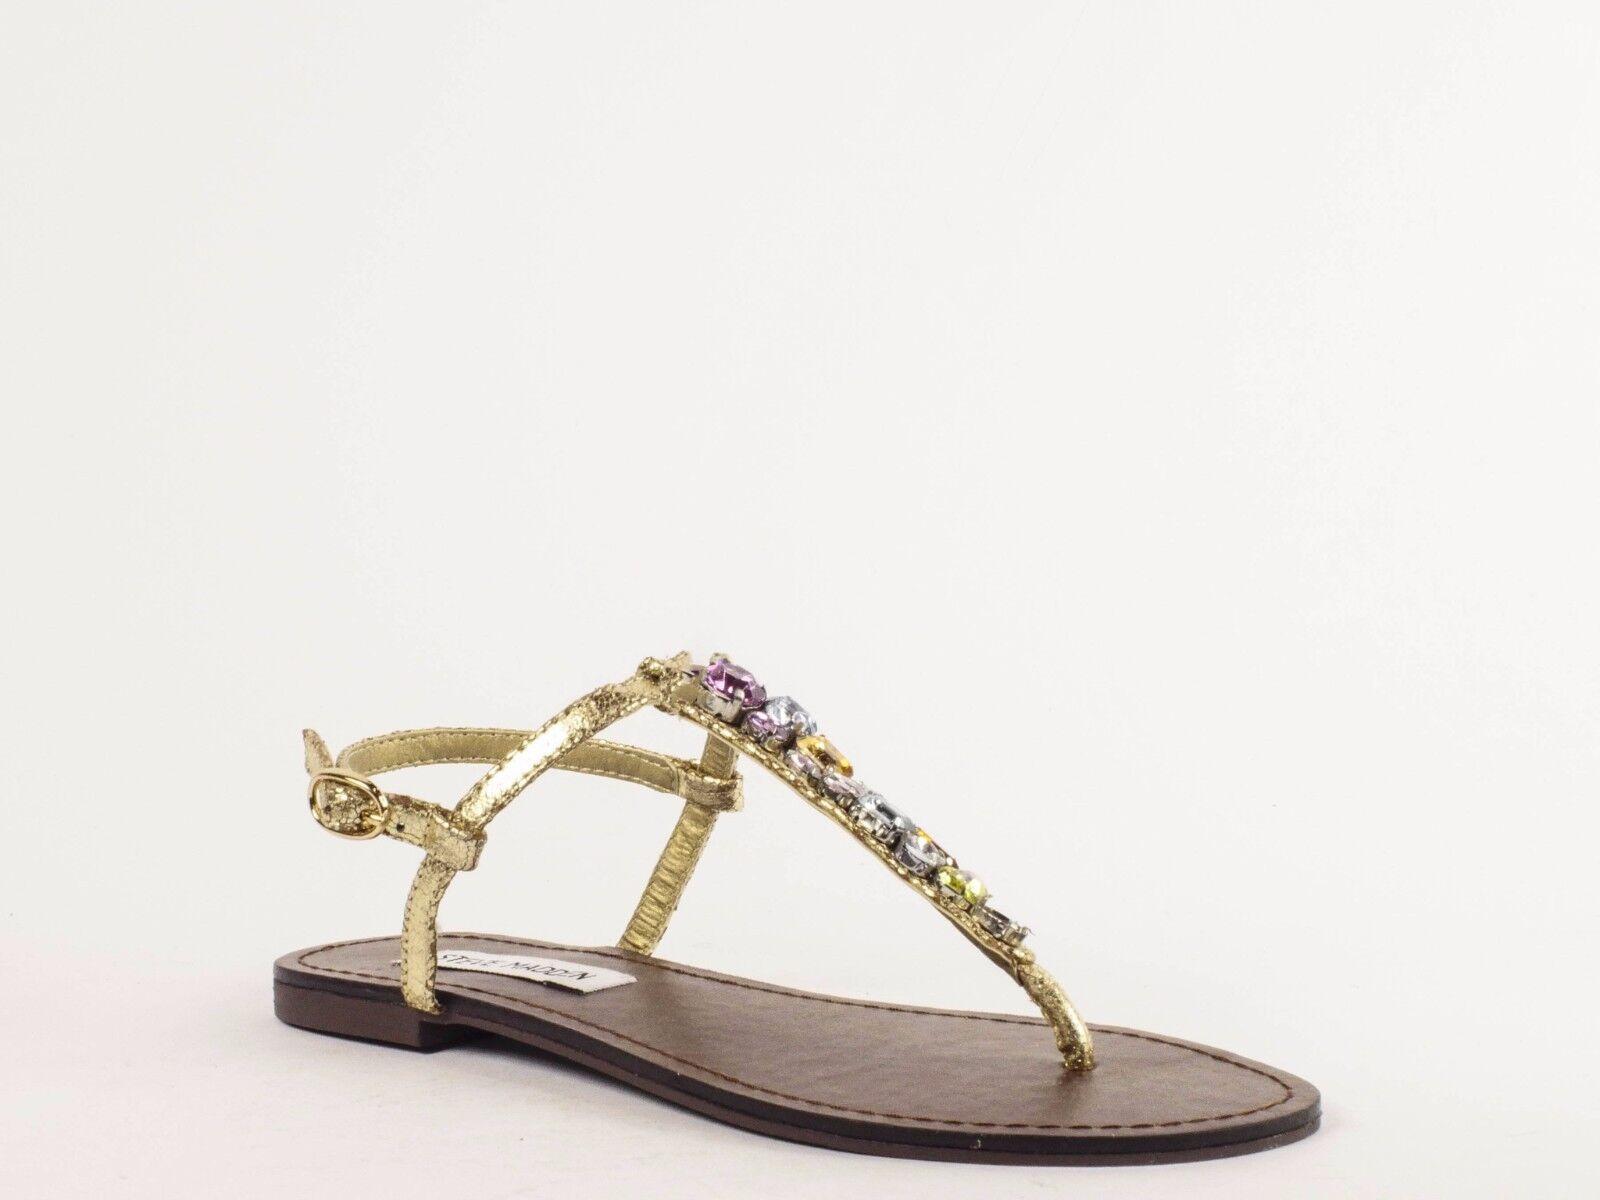 Steve Madden Gems Flat Sandal Gold Multi Jewel T-Strap Sandals US Taglia 6.5 M